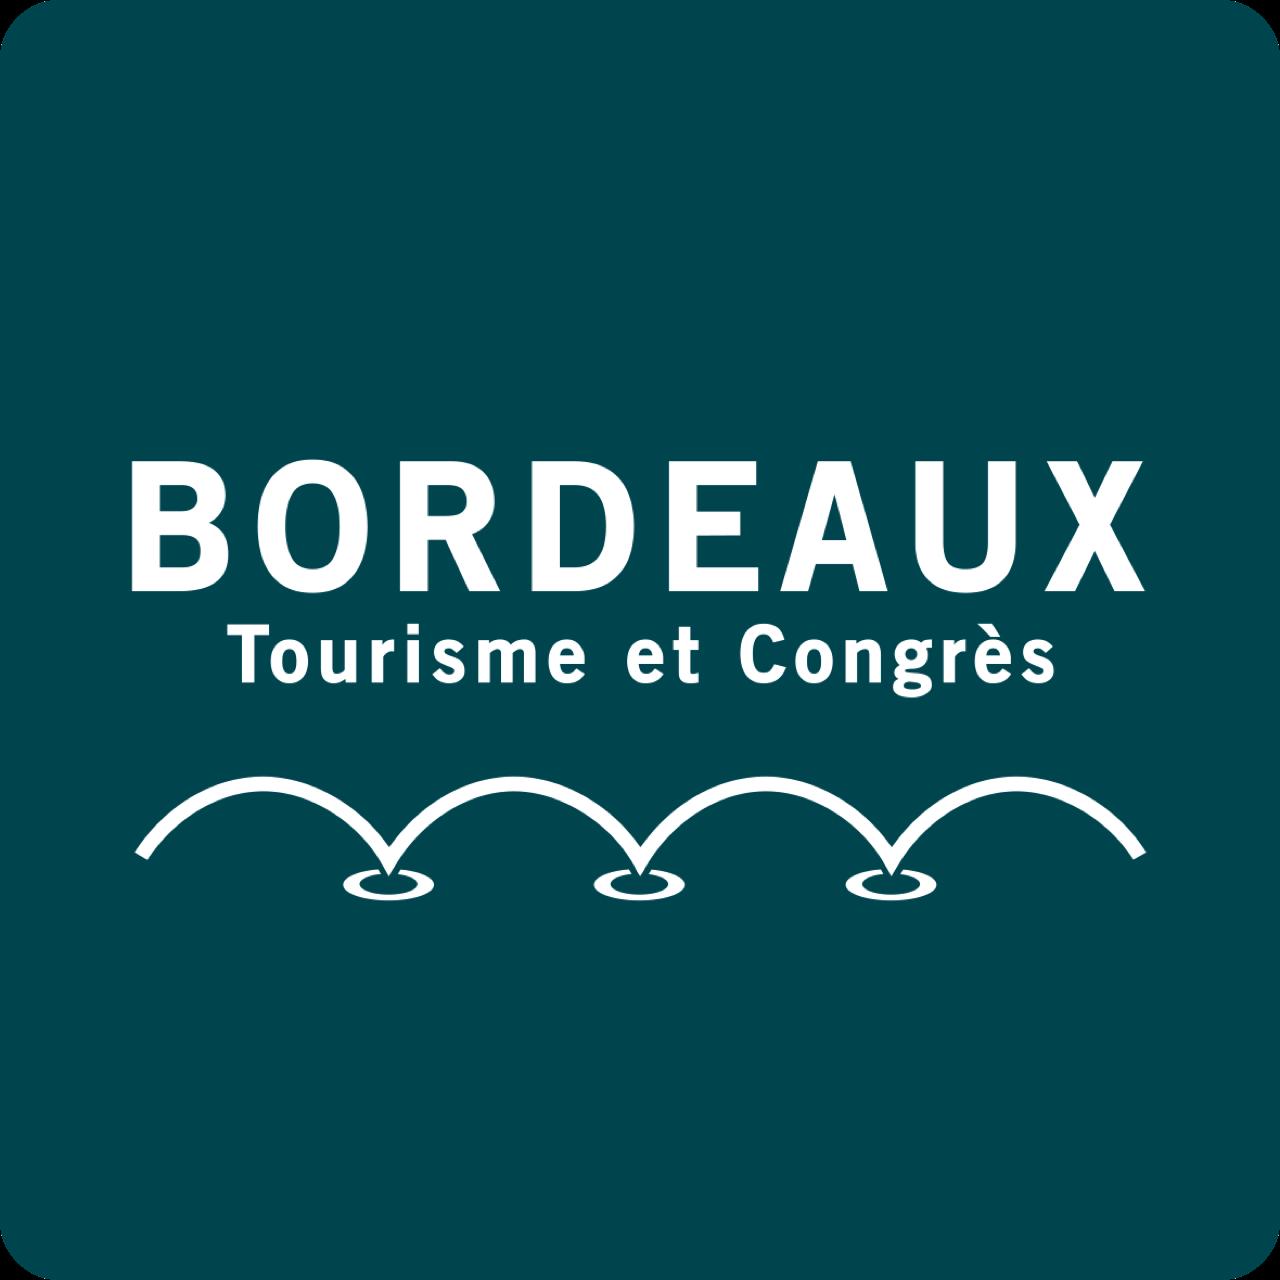 bx_tourisme_congres_arrondis-bleu